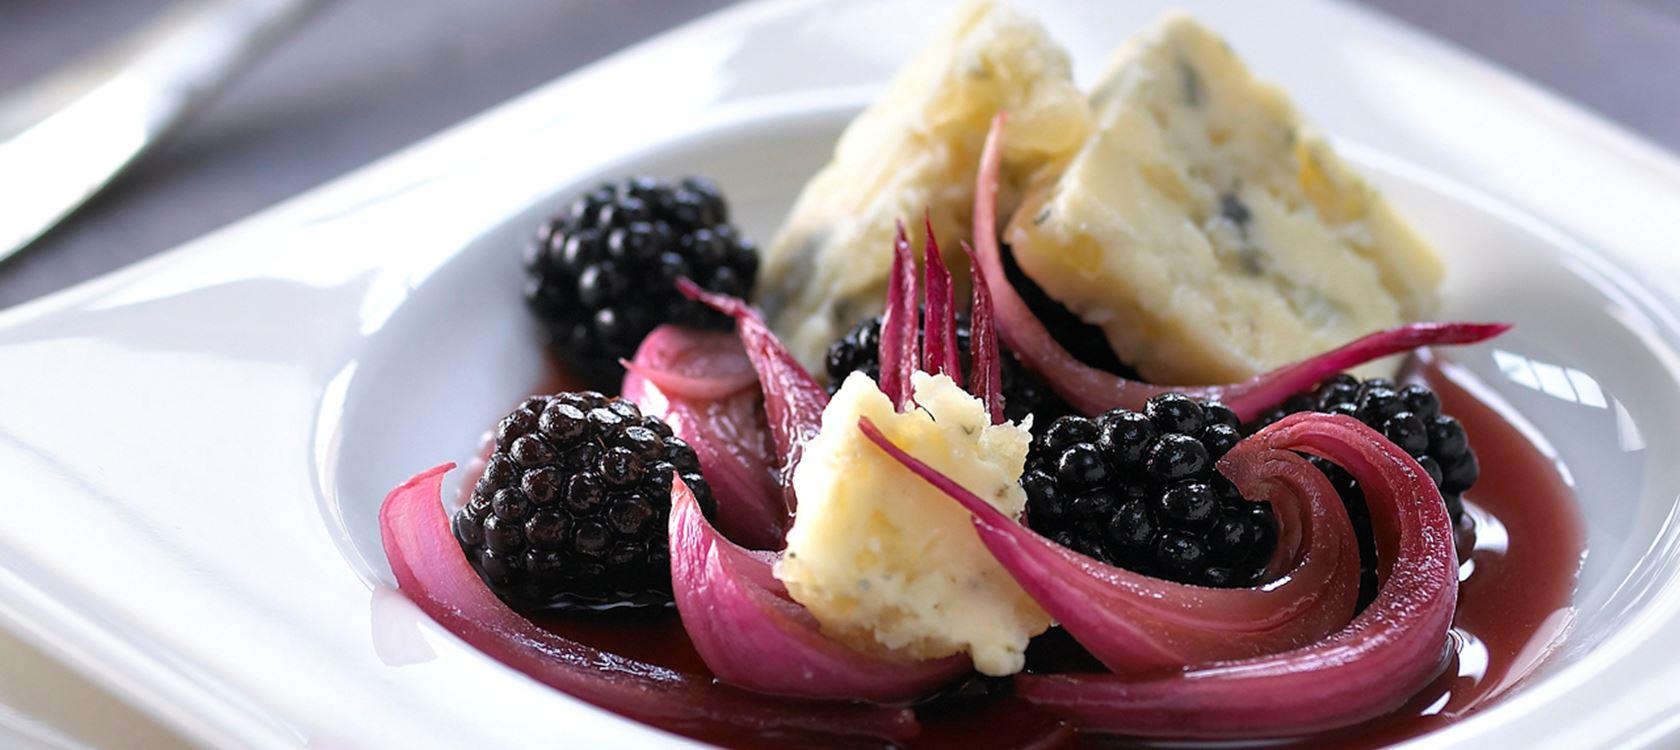 Castello-juustoa karhunvatukoiden kera